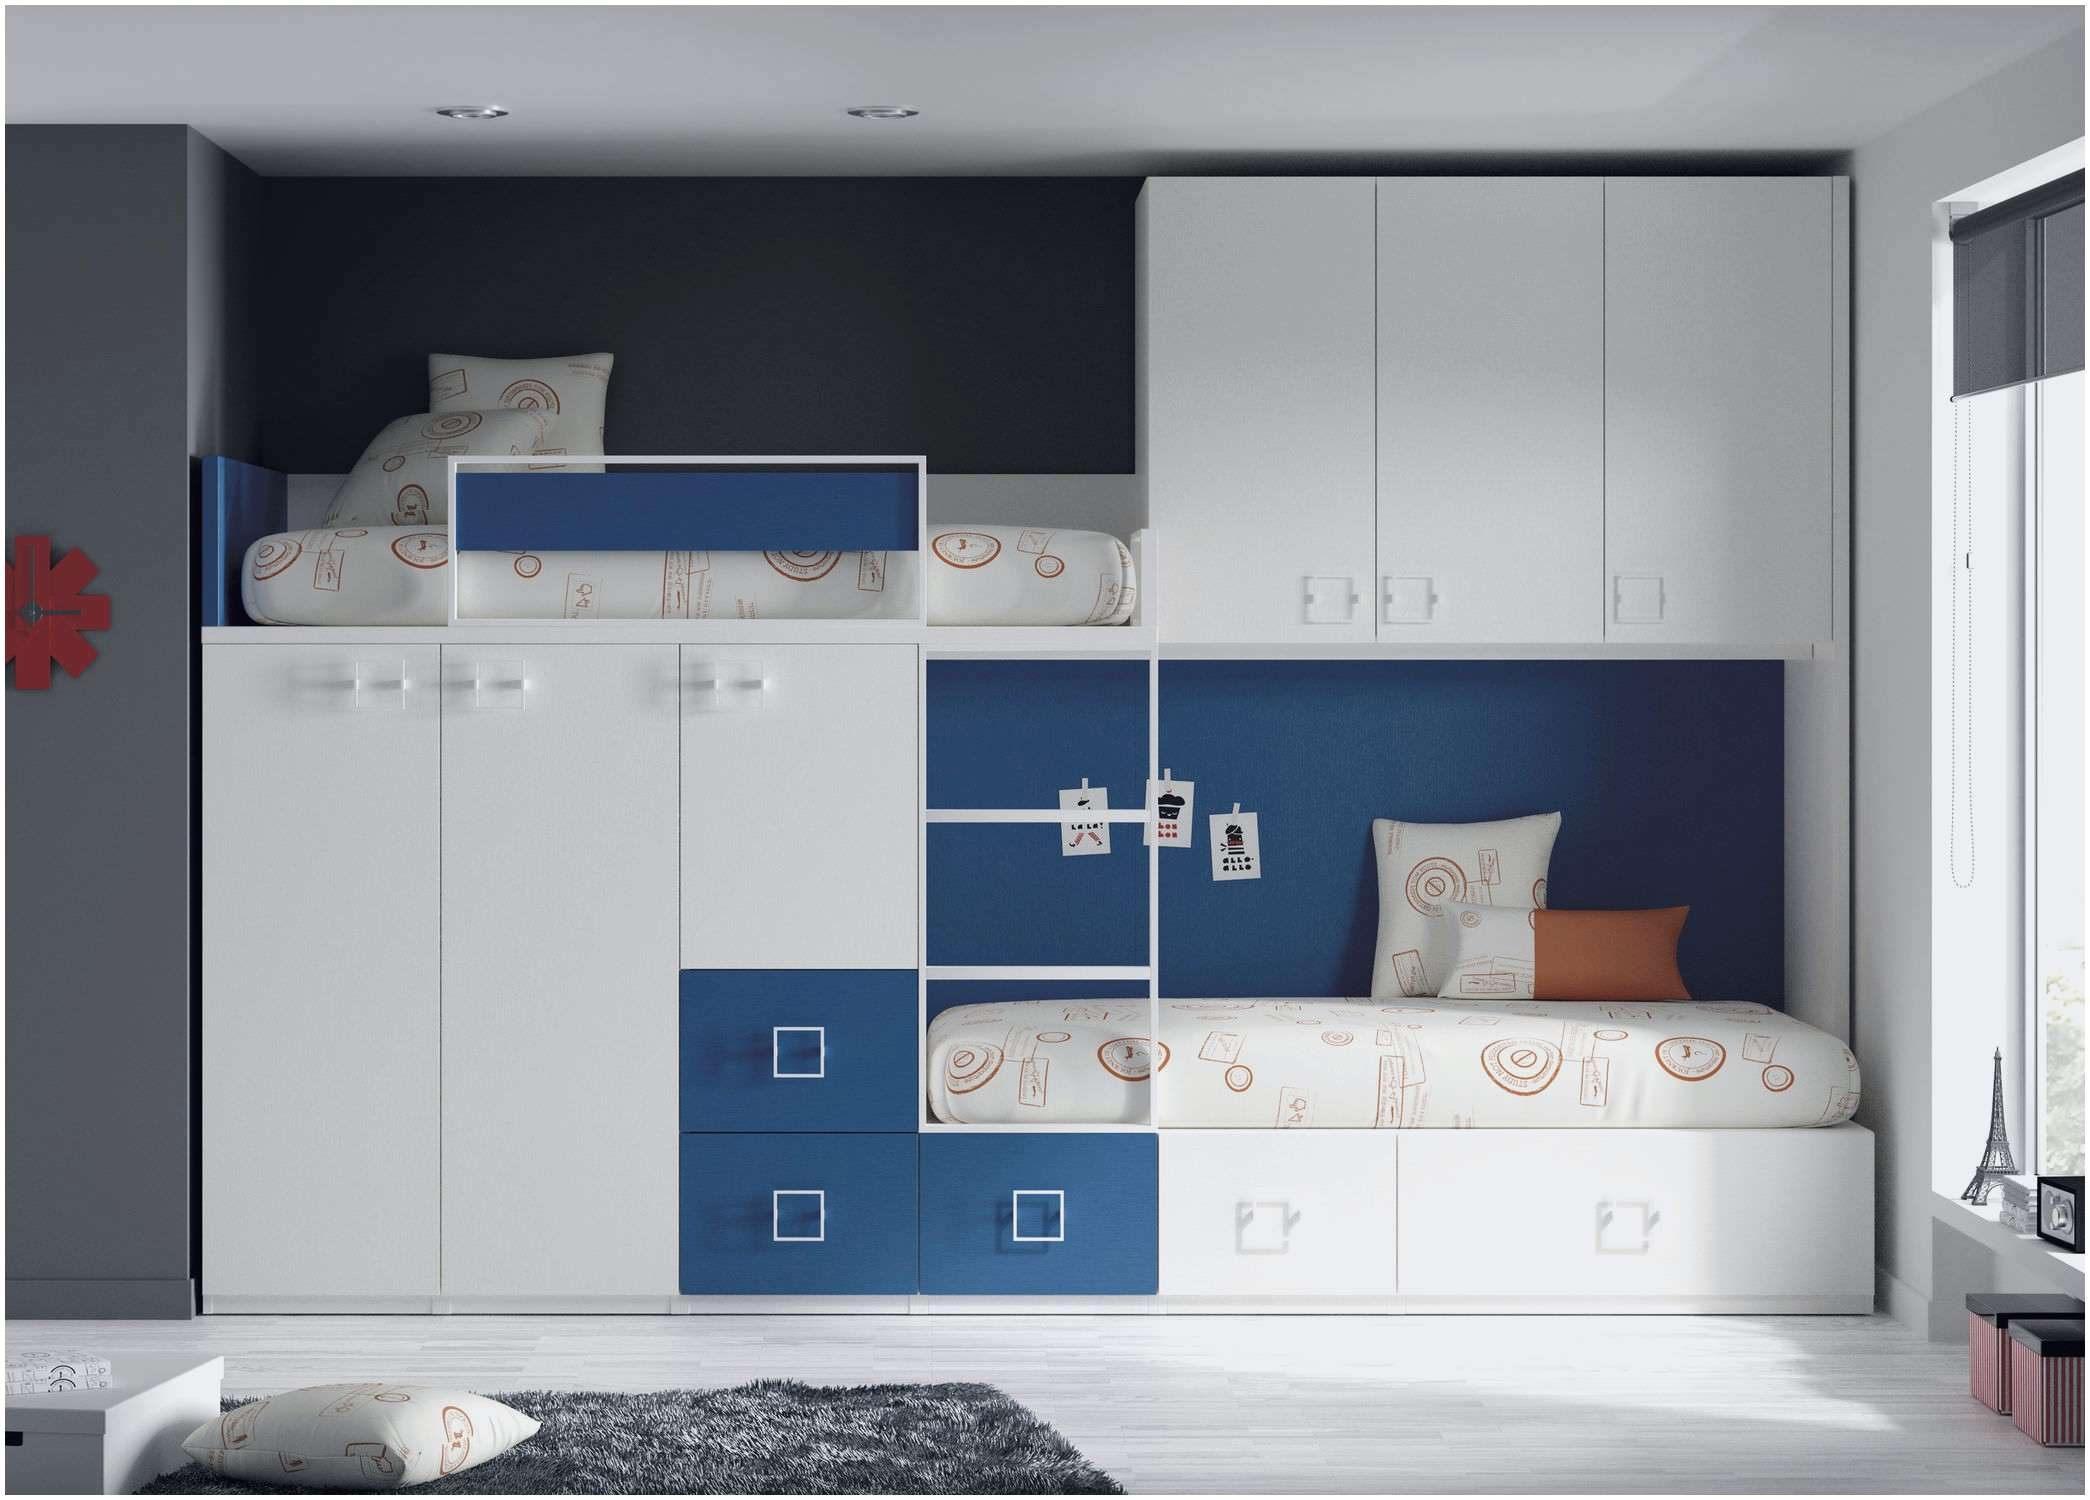 Lit Superposé Adulte Joli Frais Lit Mezzanine Ikea 2 Places Pour Alternative Lit Superposé